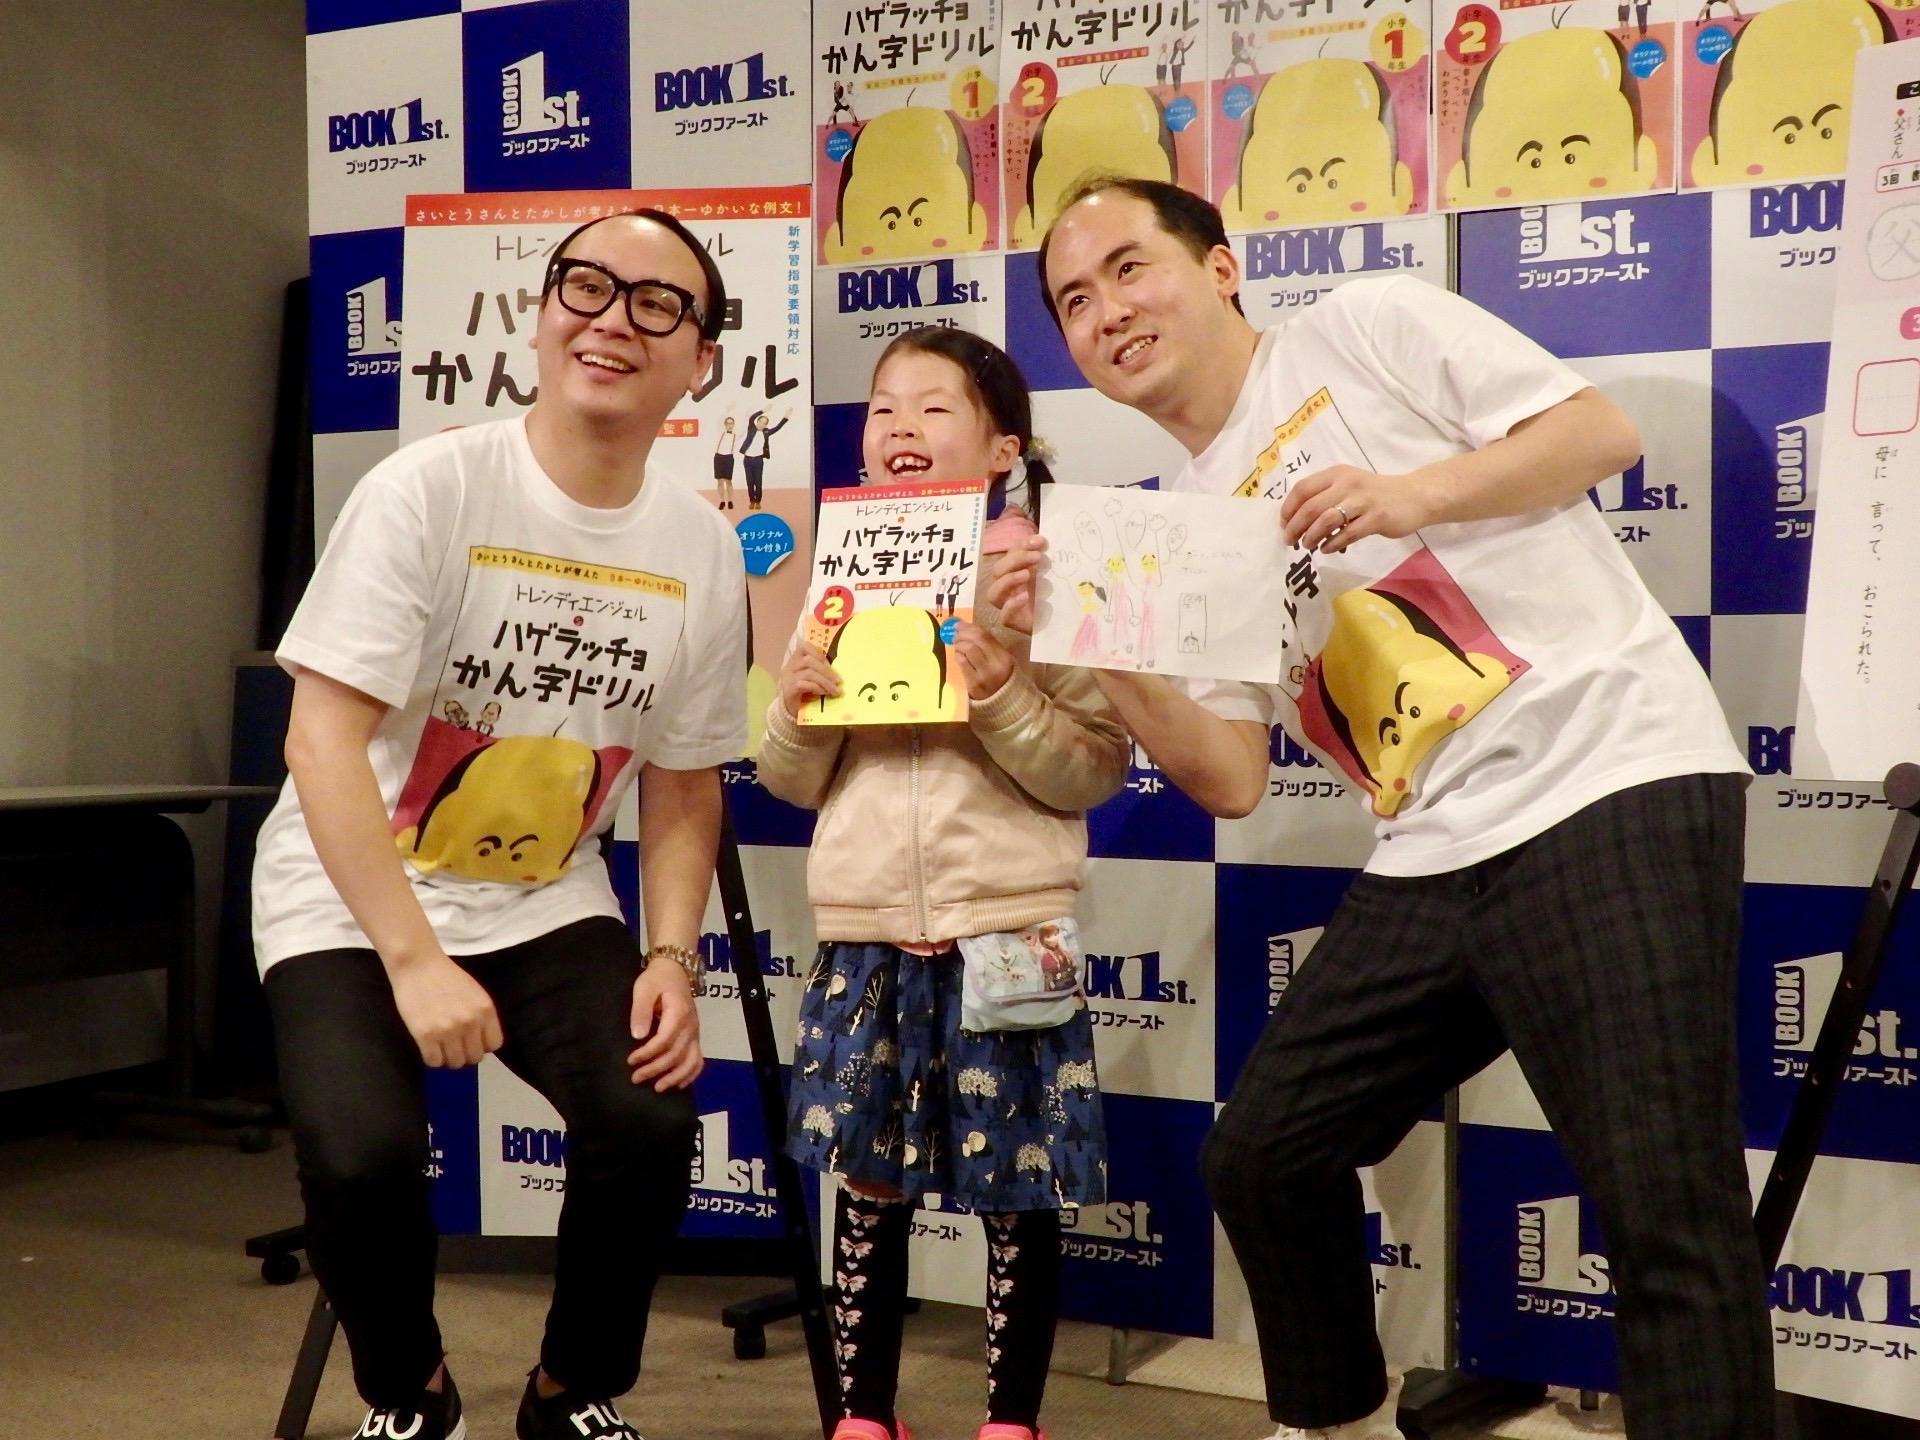 http://news.yoshimoto.co.jp/20180412000330-8e65f36c15a5ebd3204e2e3c4330f3f0f6700d91.jpg